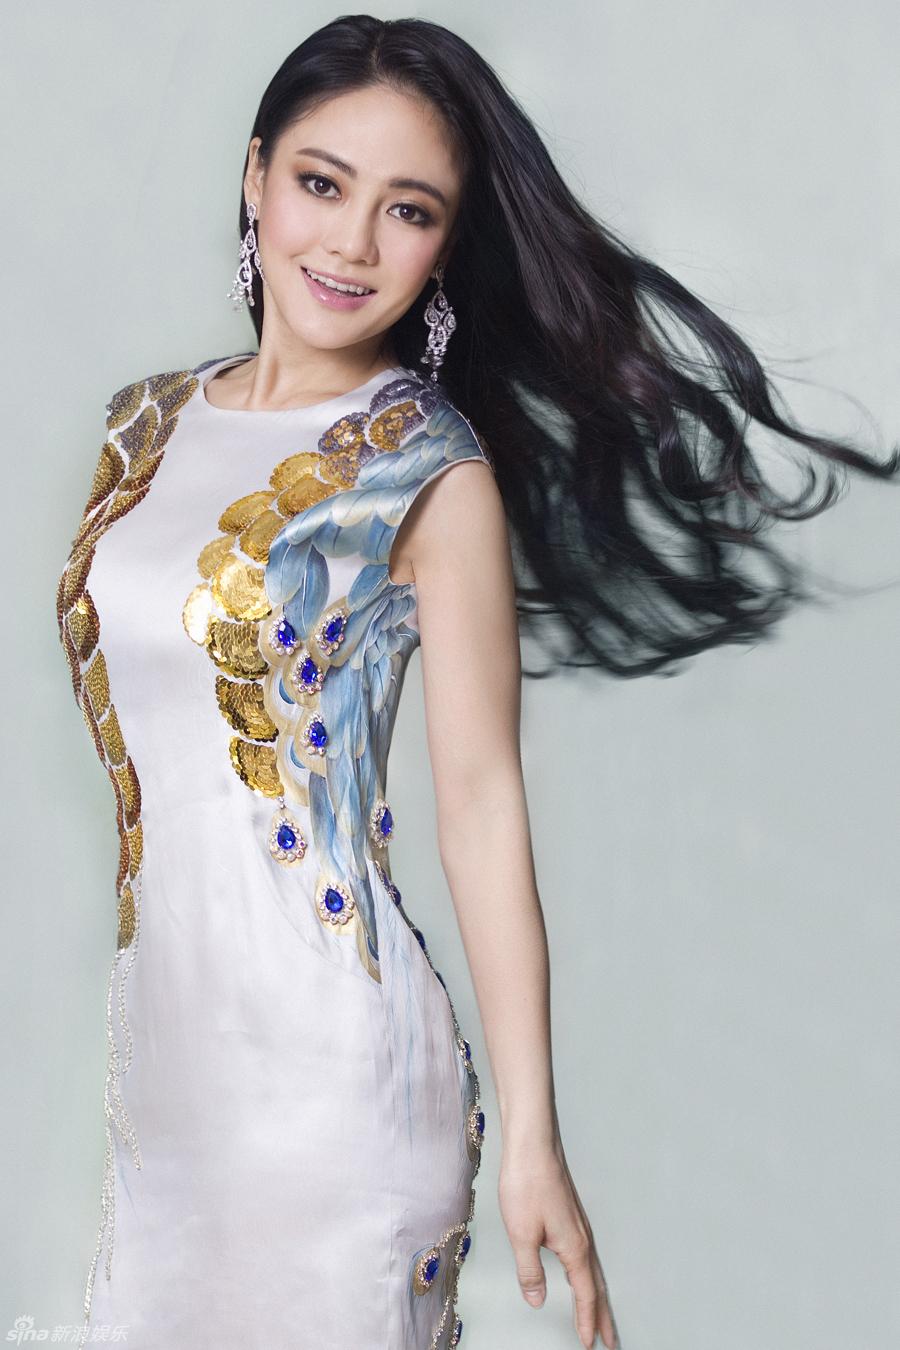 http://www.sinaimg.cn/dy/slidenews/4_img/2013_31/704_1048657_948554.jpg